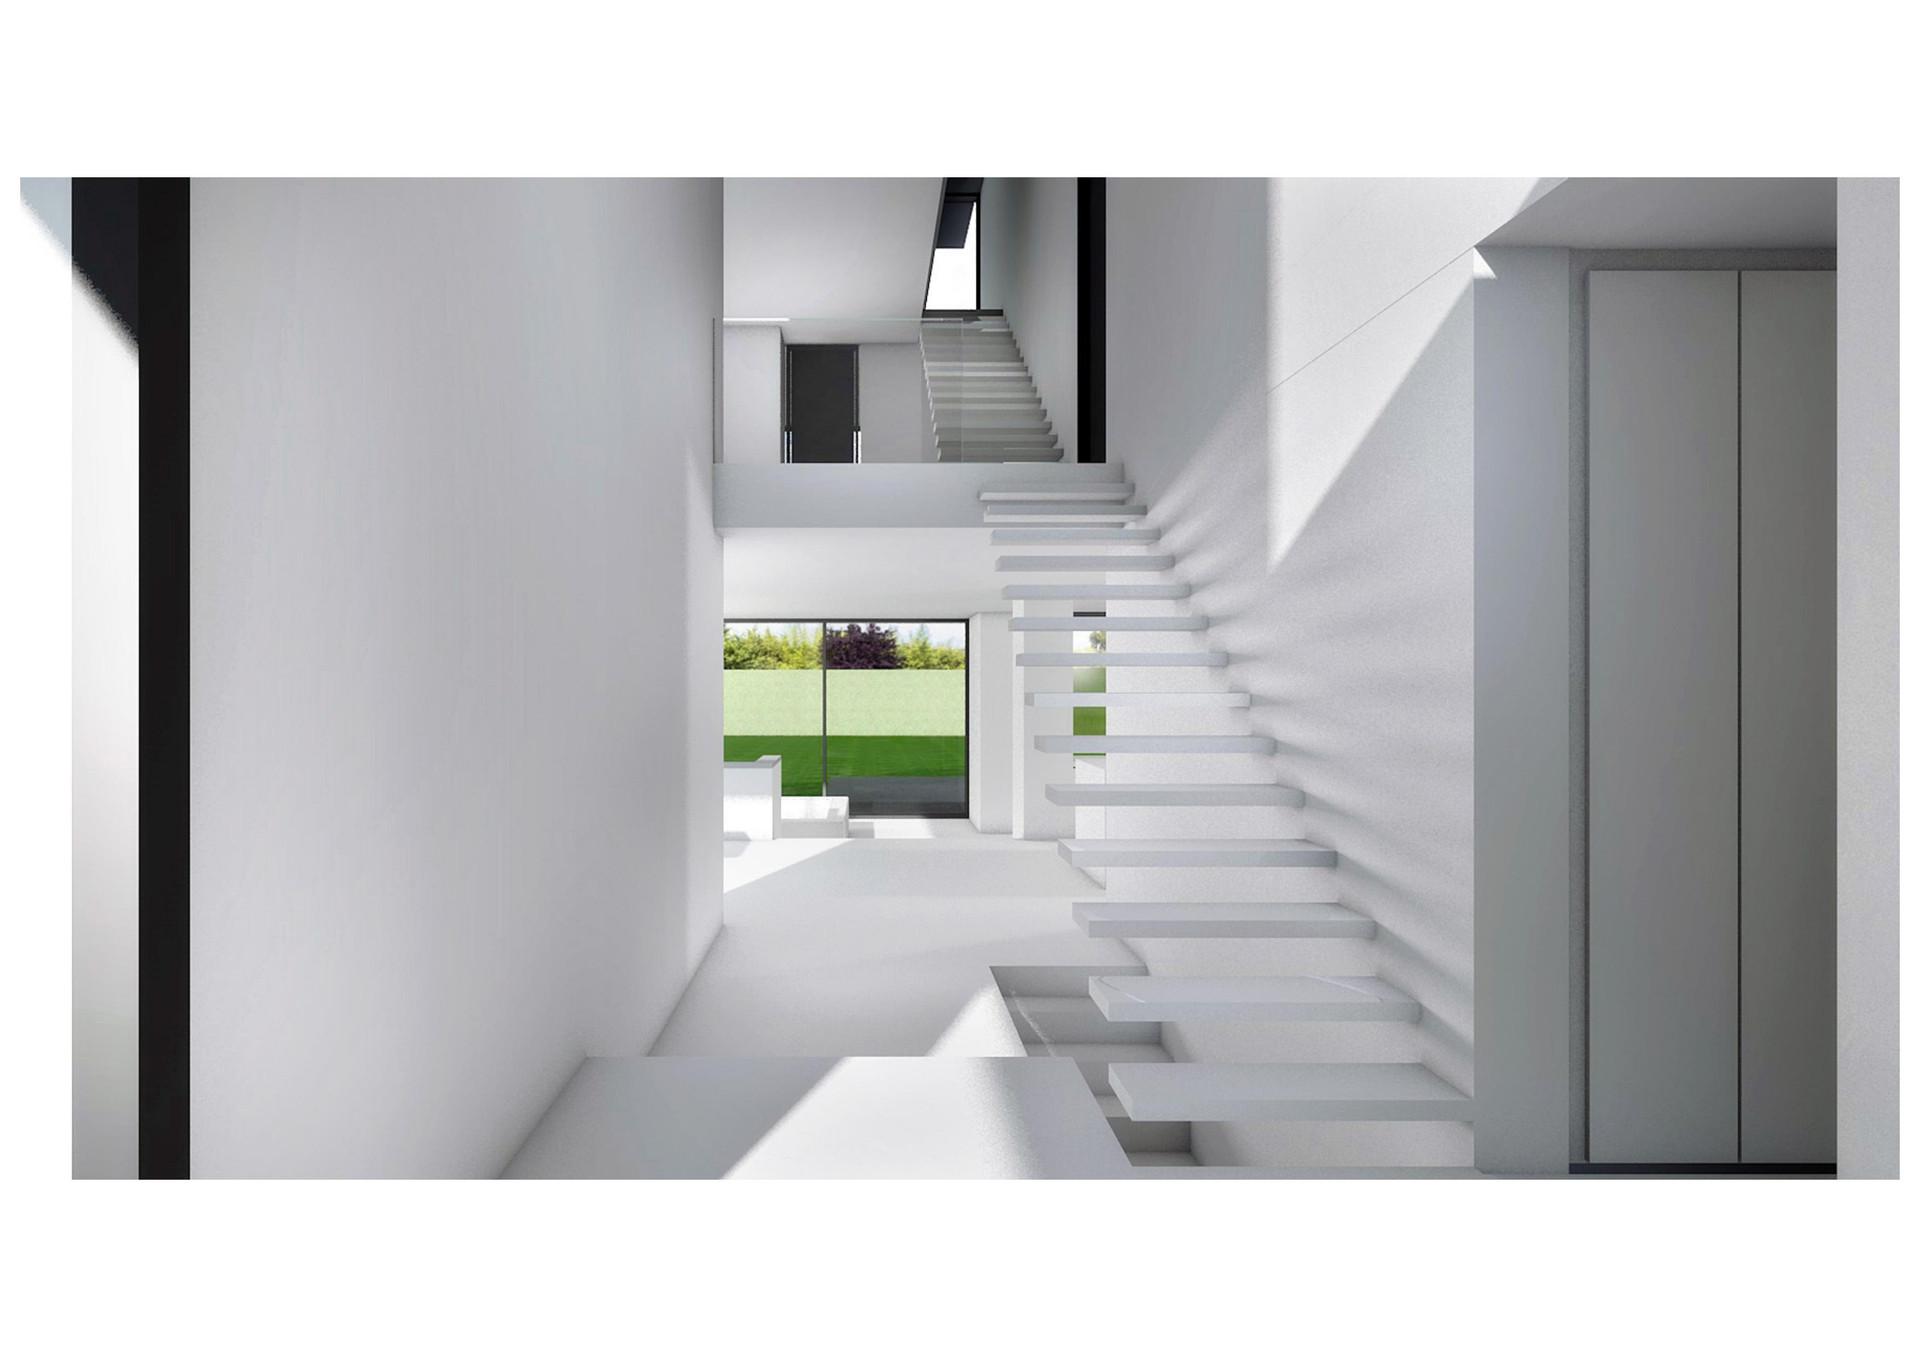 OA57 Wohnhaus   Ben Dieckmann architects